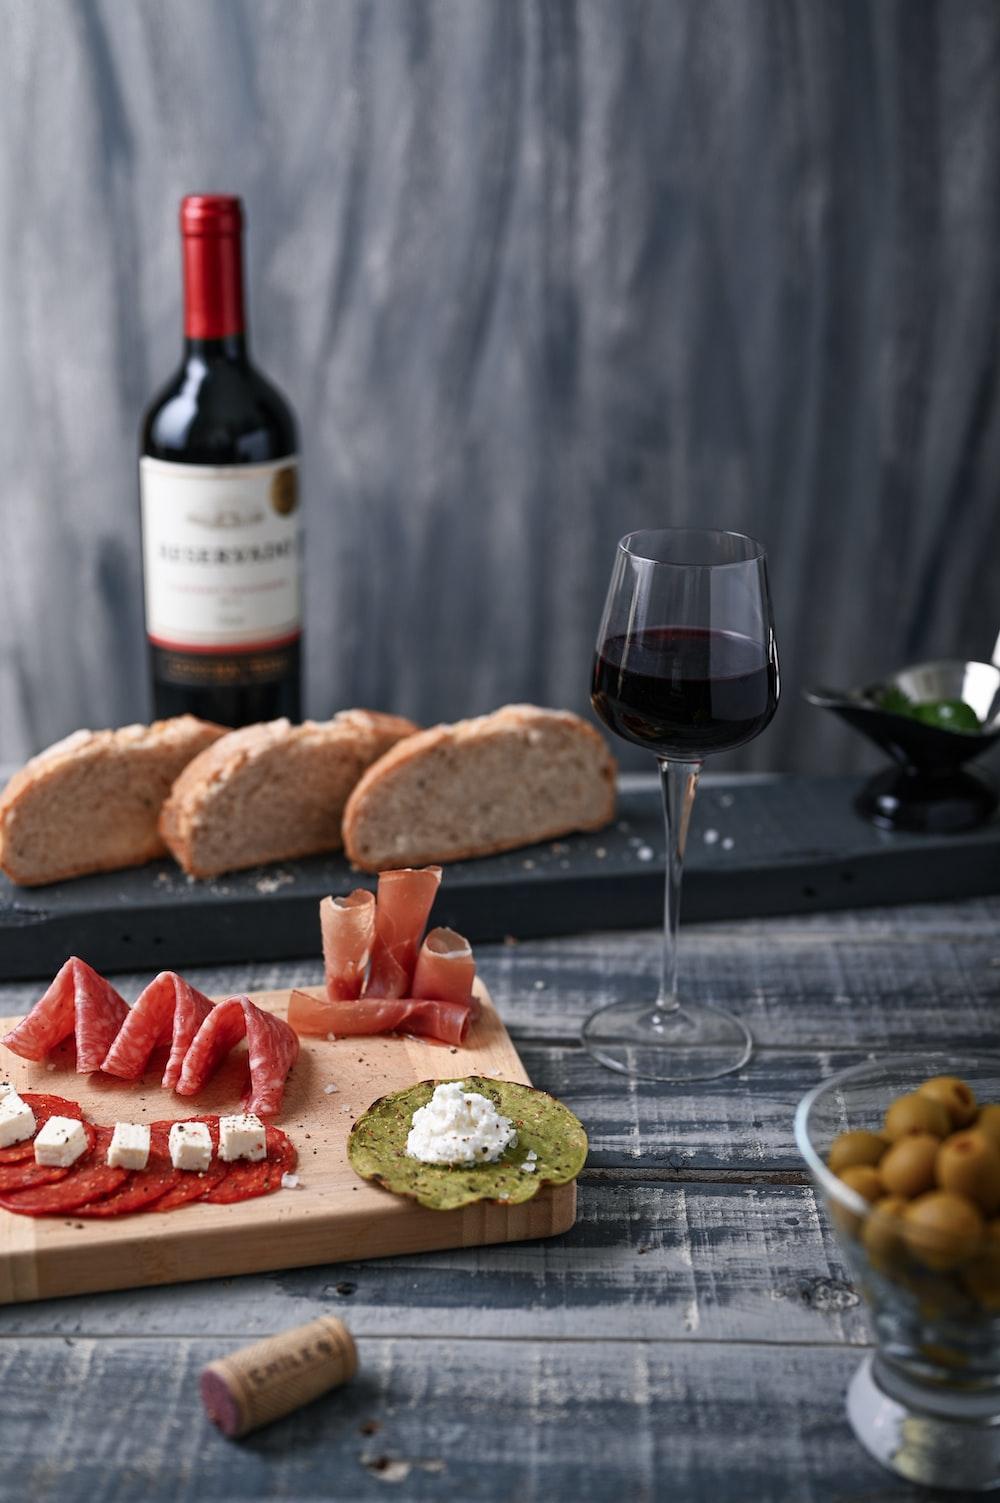 wine glass beside food on board